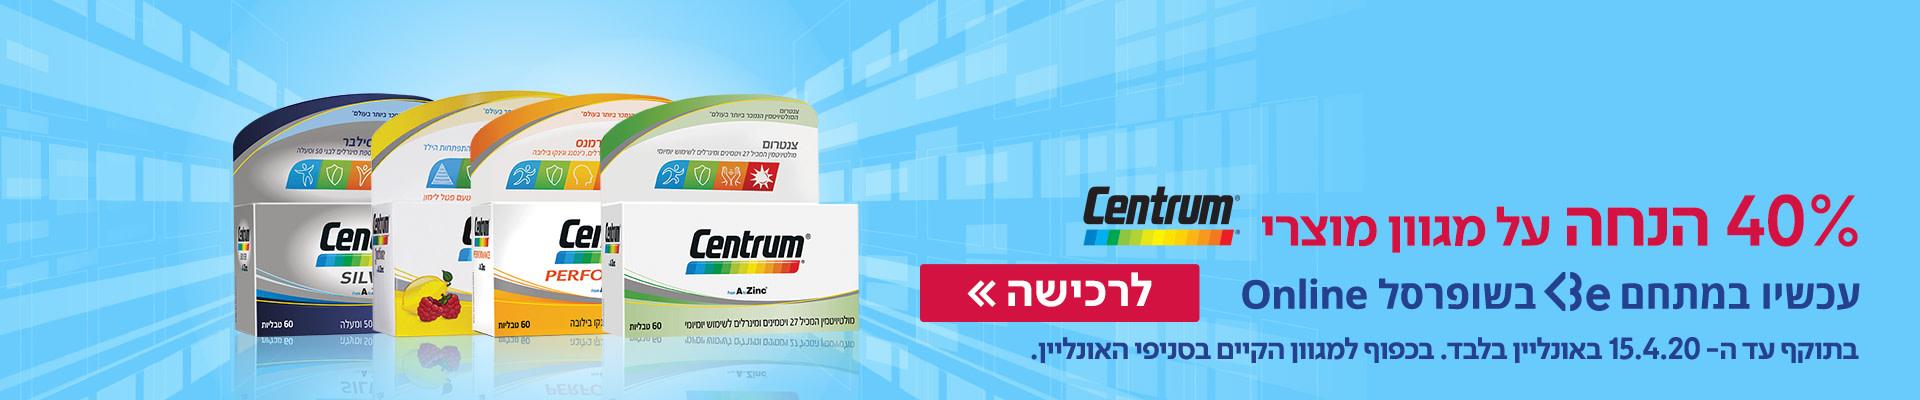 40% הנחה על מגוון מוצרי CENTRUM עכשיו במתחם BE בשופרסל ONLINE